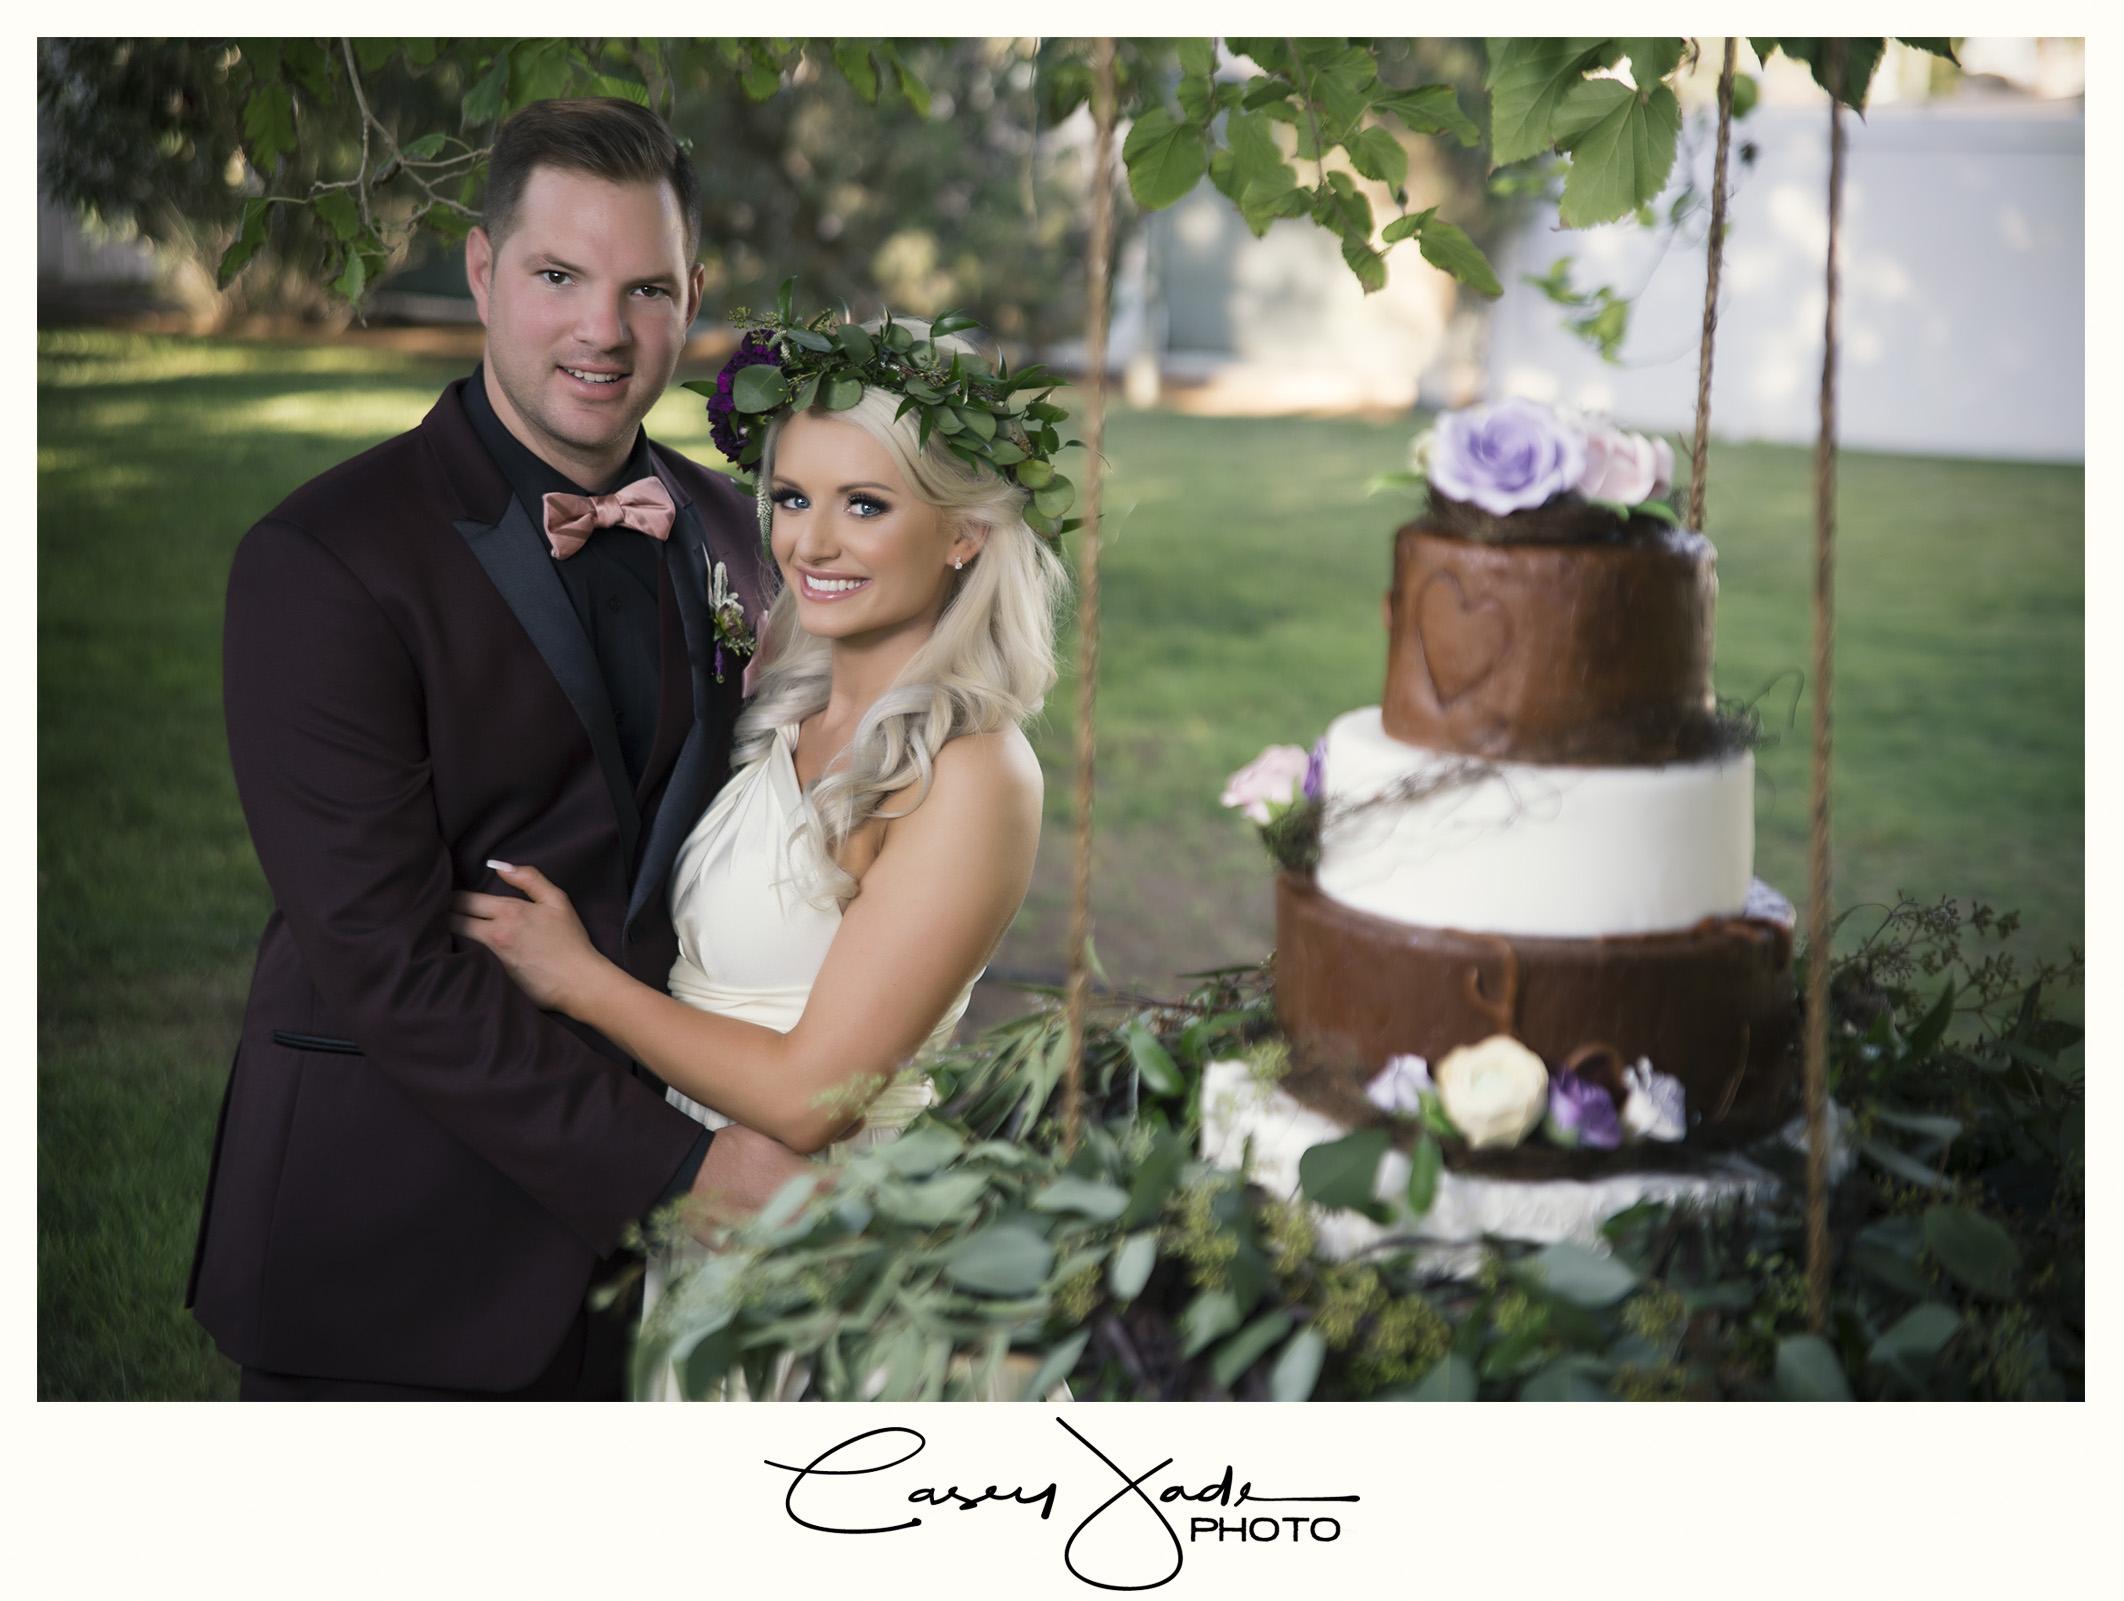 secret-garden-wedding-vegas-caseyjadephoto.jpg